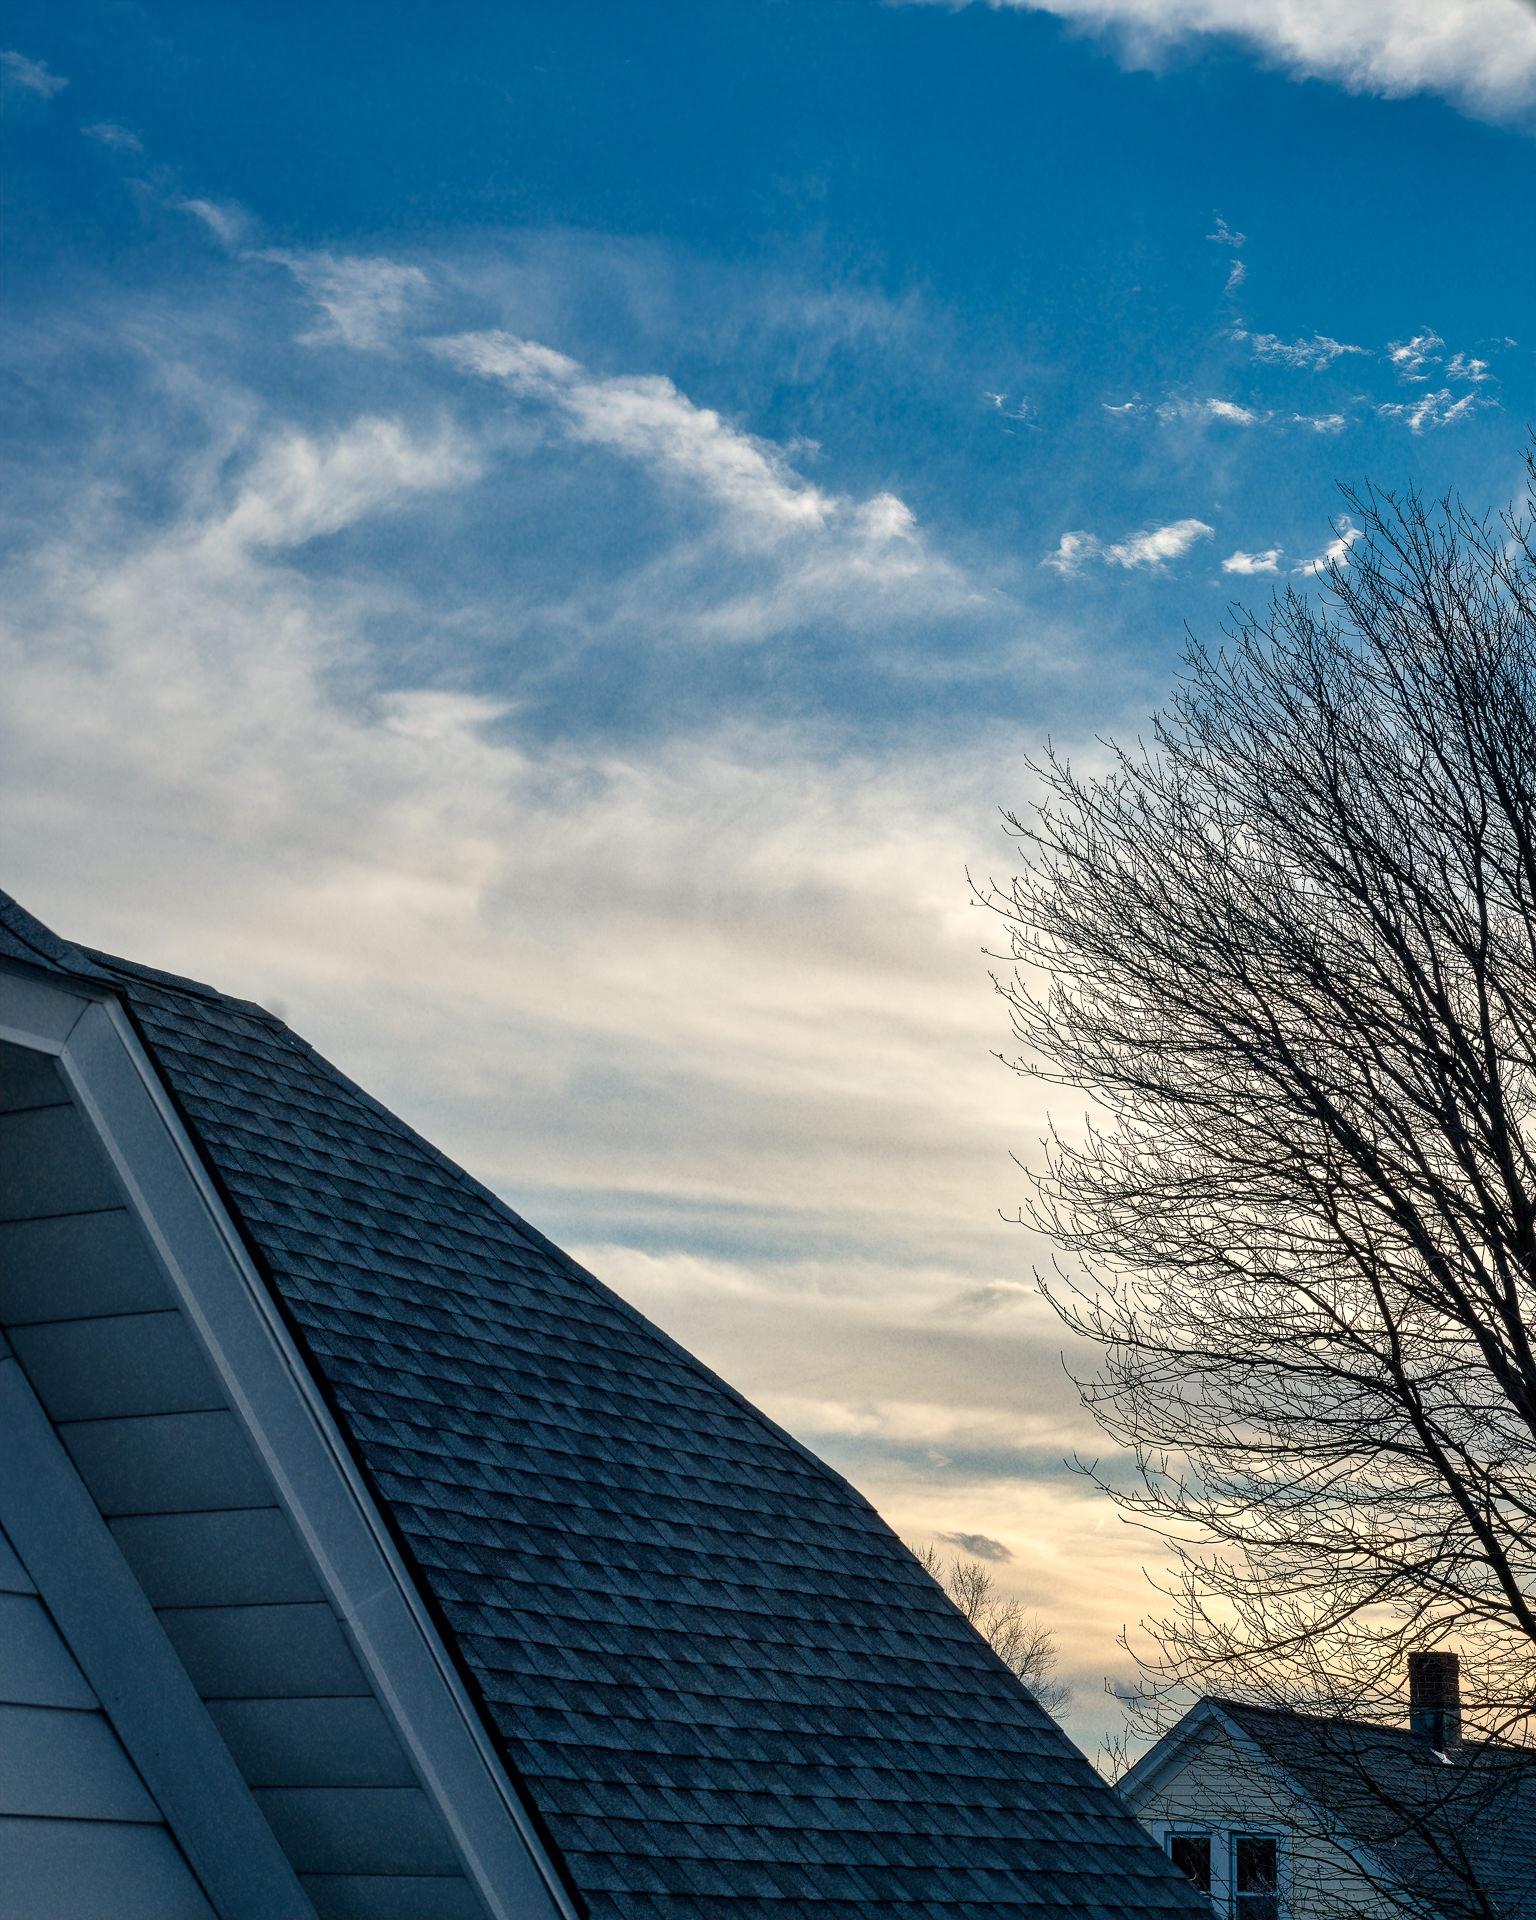 Sun sets, storm Website | Insta - photografia | ello